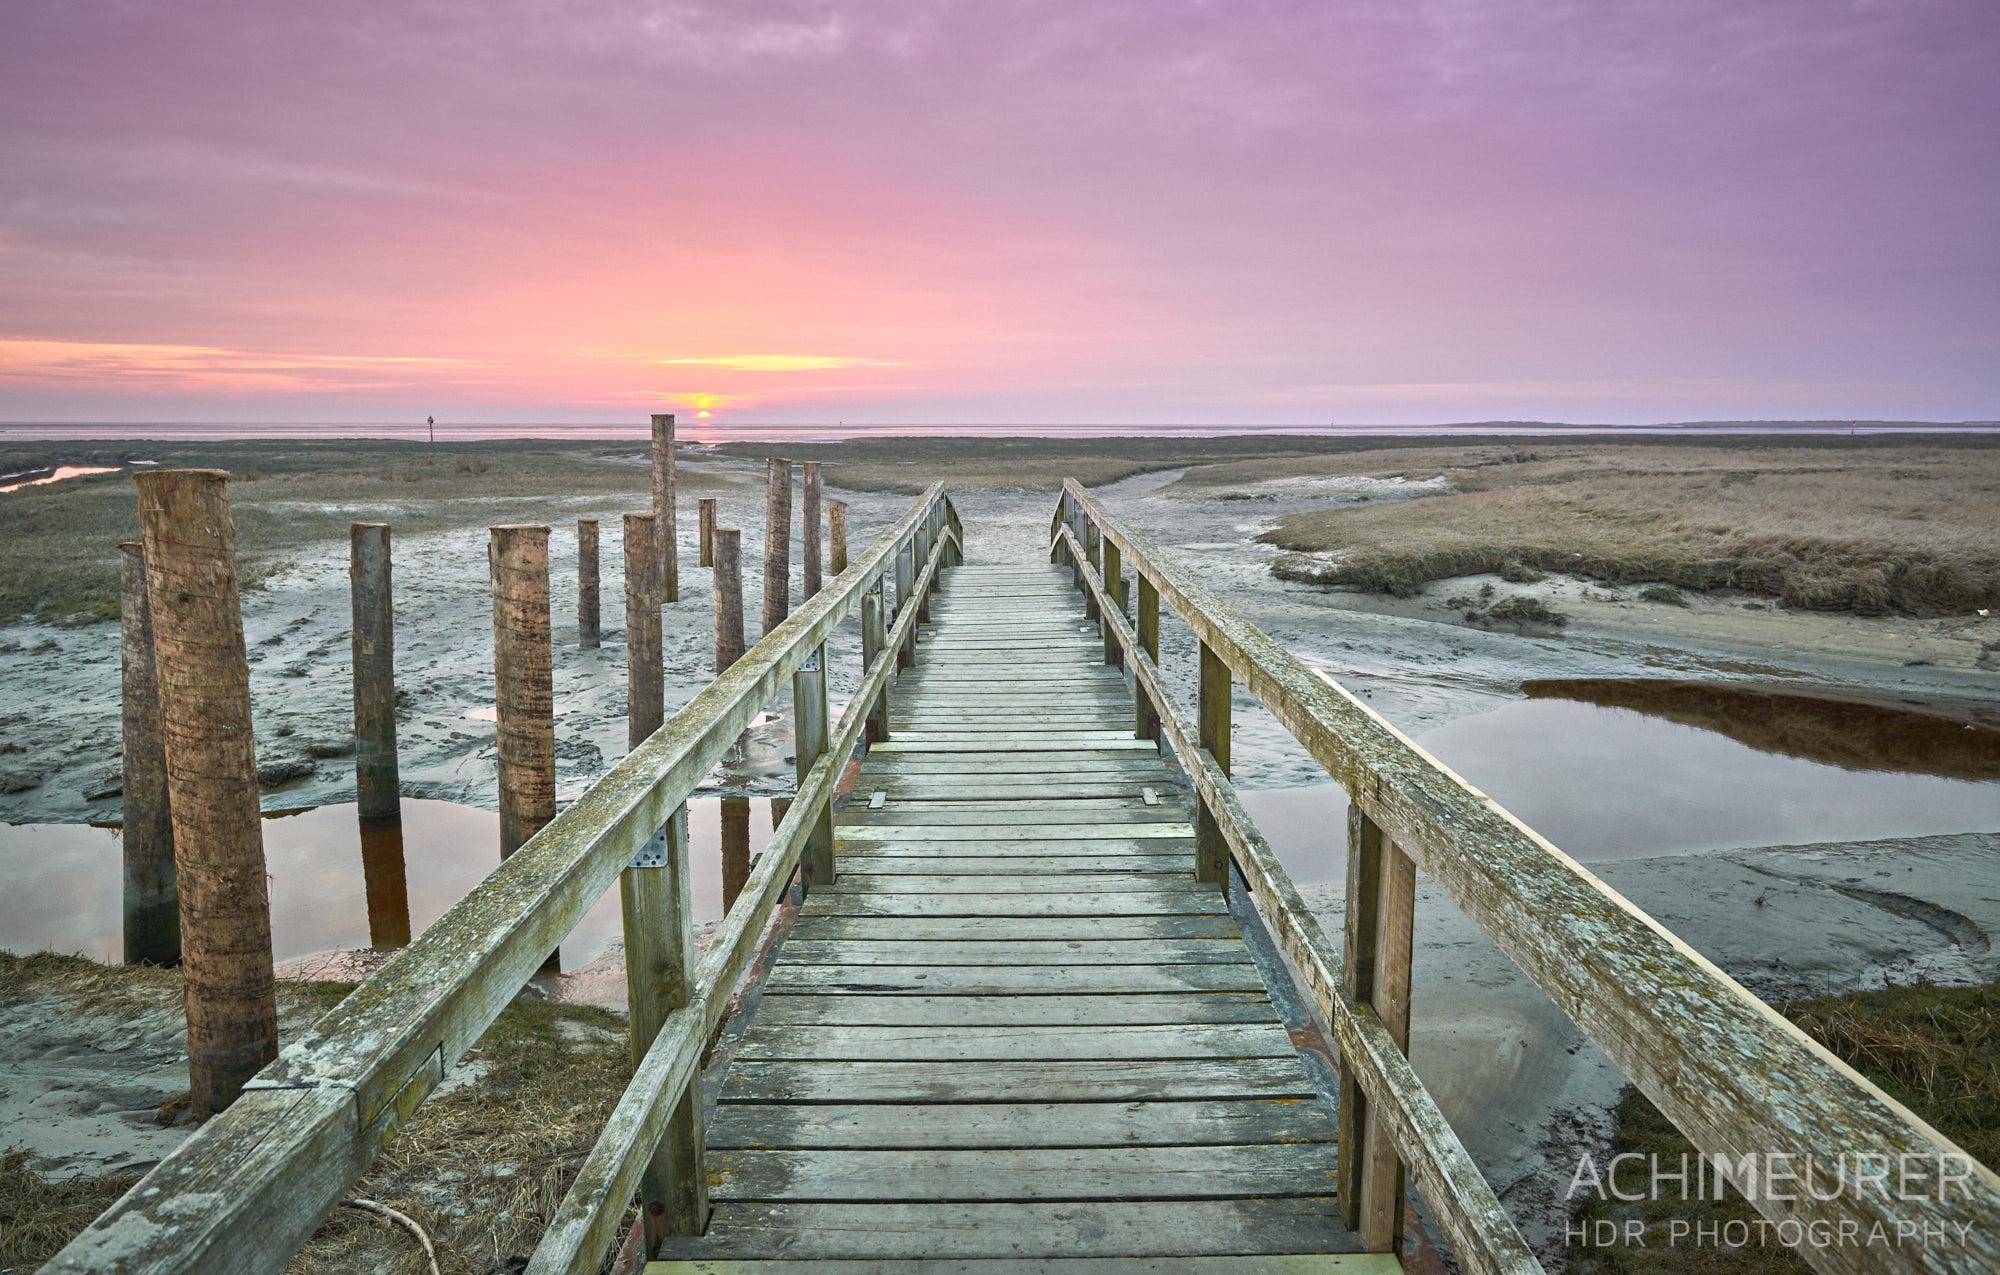 Sonnenuntergang an der Nordseeküste in Sankt Peter-Ording by AchimMeurer.com.